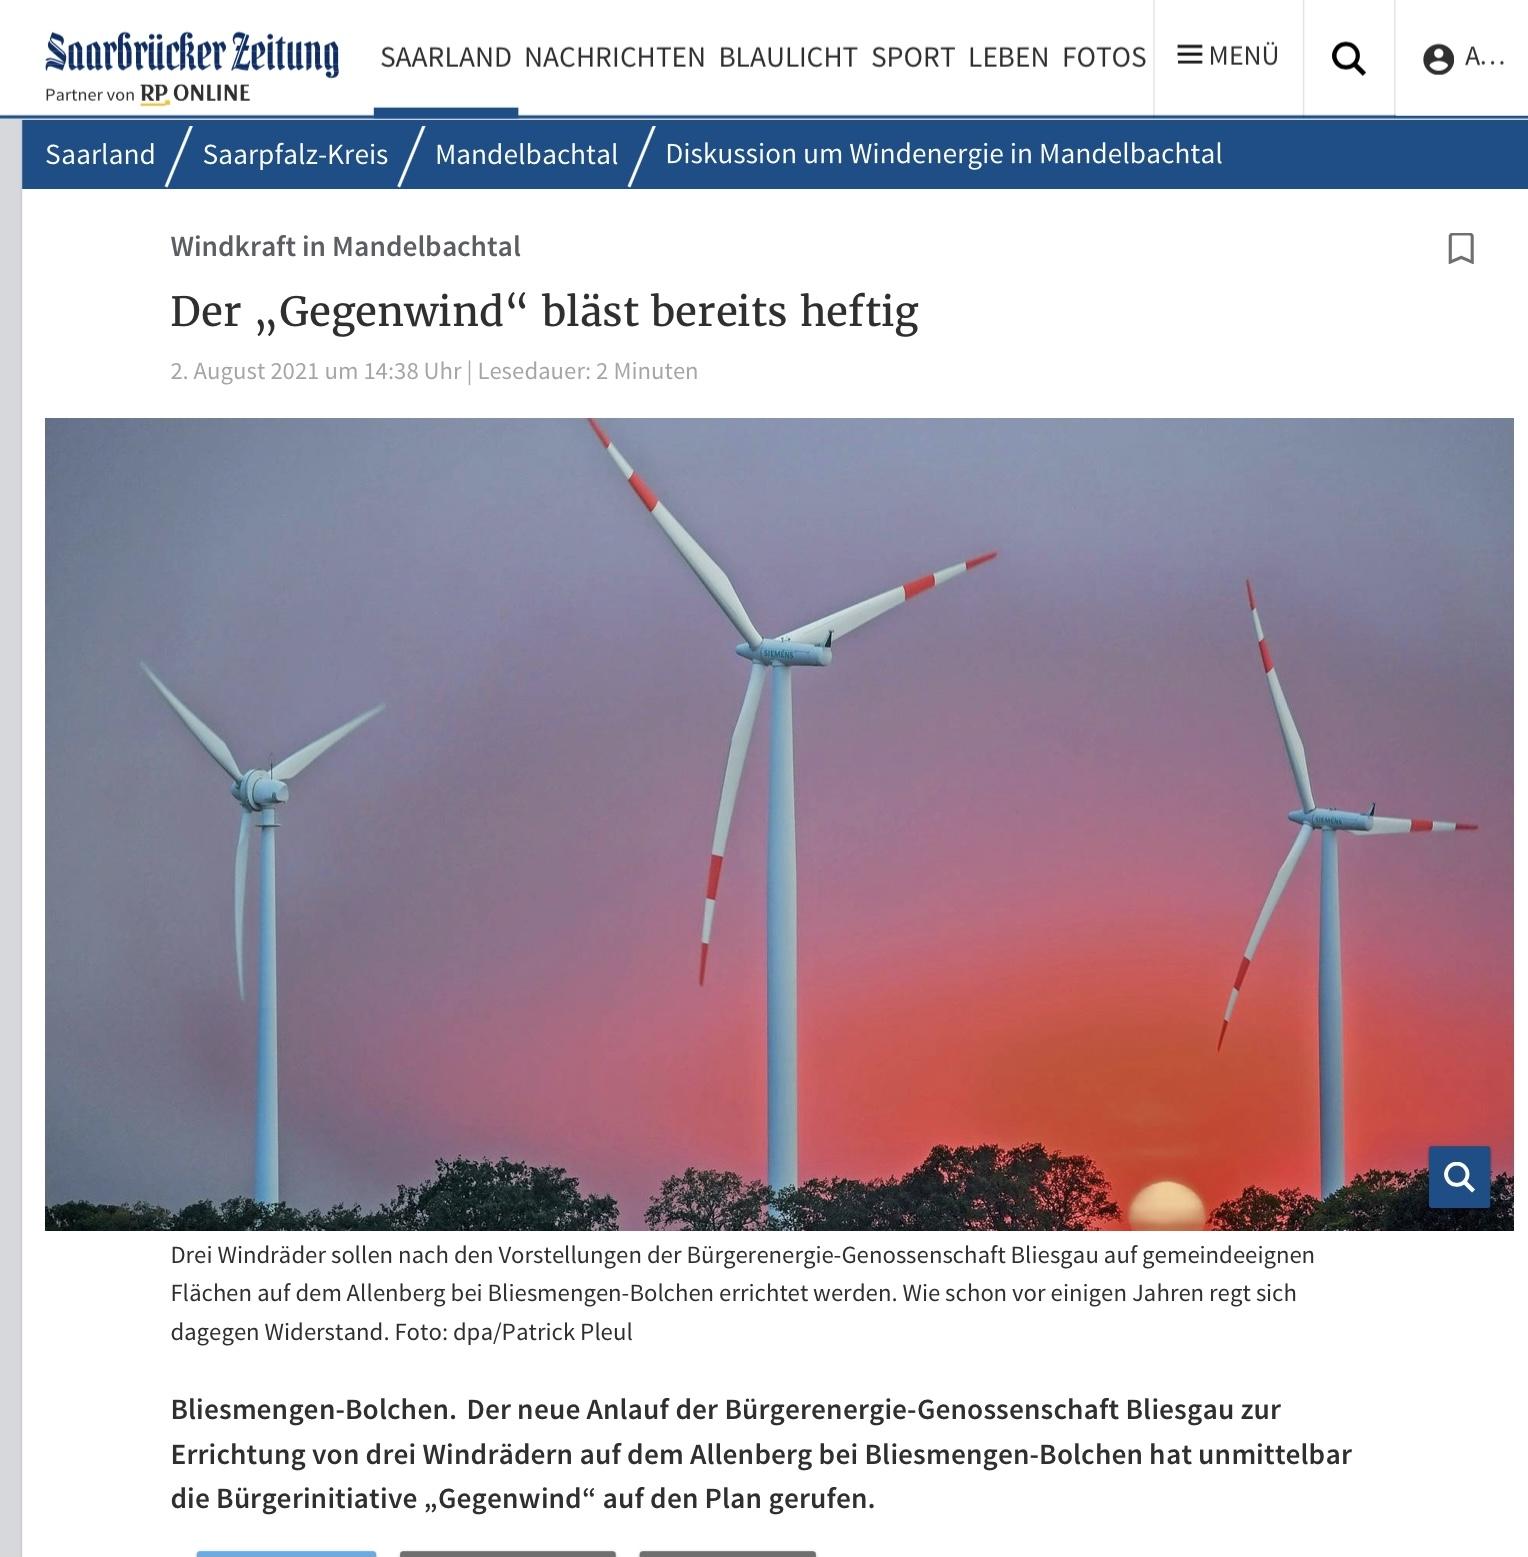 Bericht aus der Saarbrücker Zeitung vom 02.08.2021